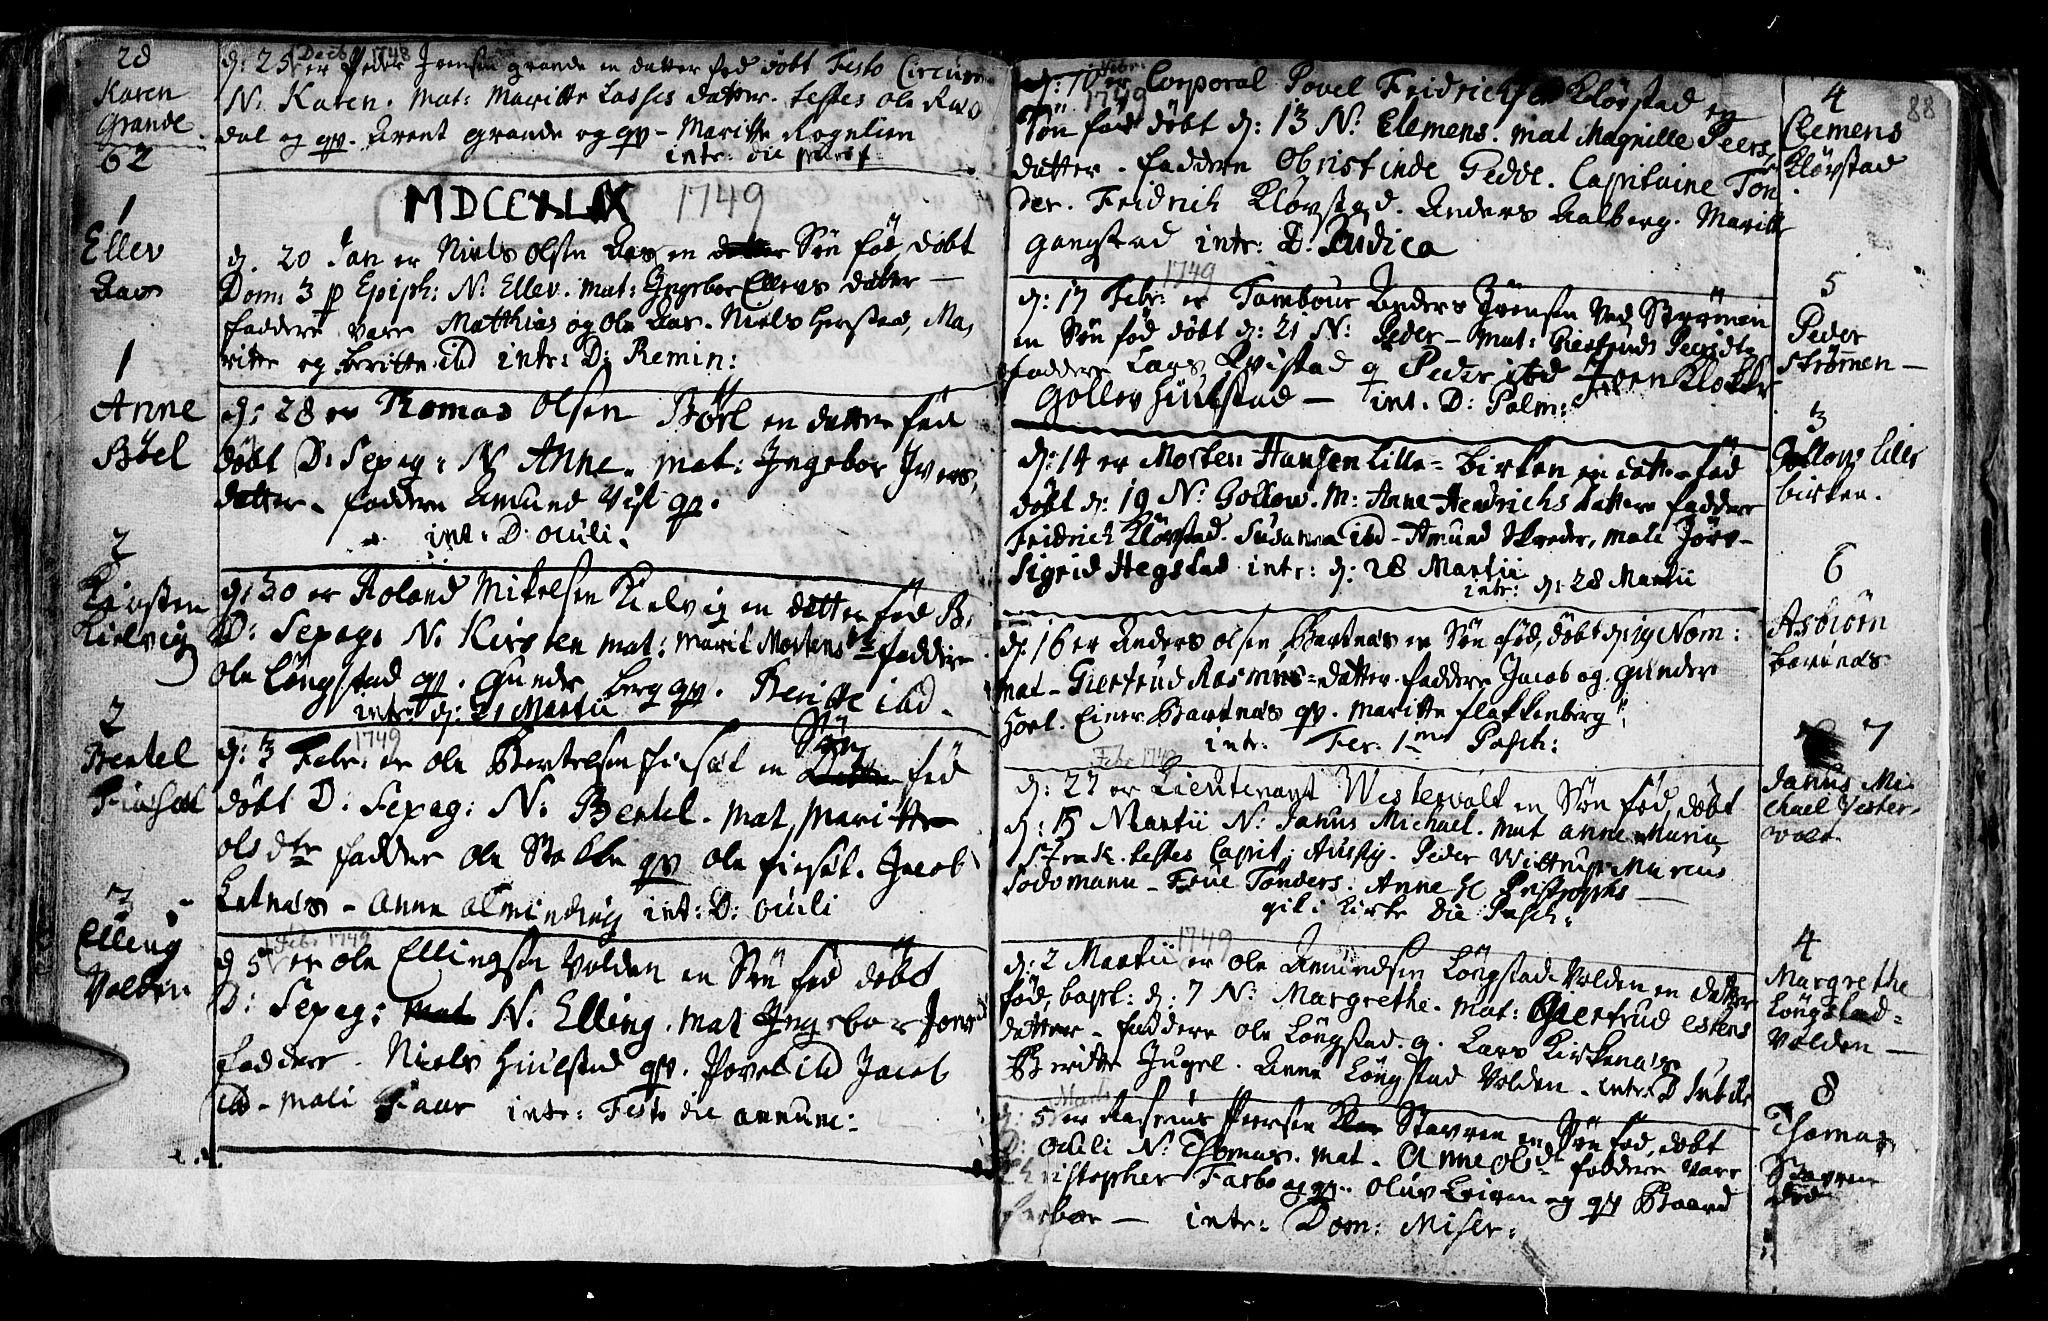 SAT, Ministerialprotokoller, klokkerbøker og fødselsregistre - Nord-Trøndelag, 730/L0272: Ministerialbok nr. 730A01, 1733-1764, s. 88